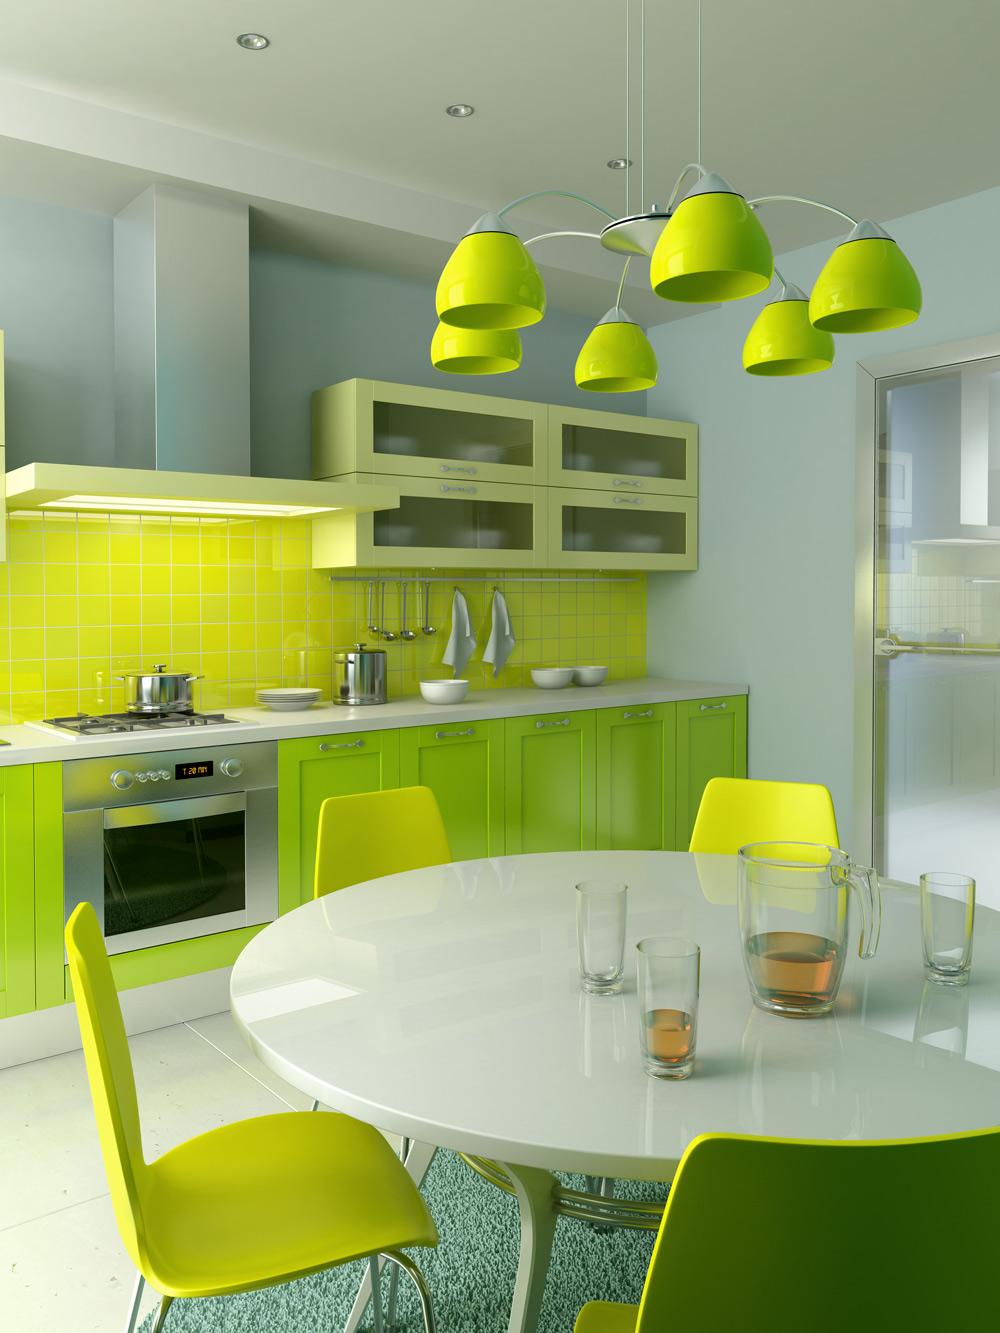 jak_stosowac_kolory_we_wnetrzu_aranzacje_projekty_kolor_zielony_we_wnętrzu_20